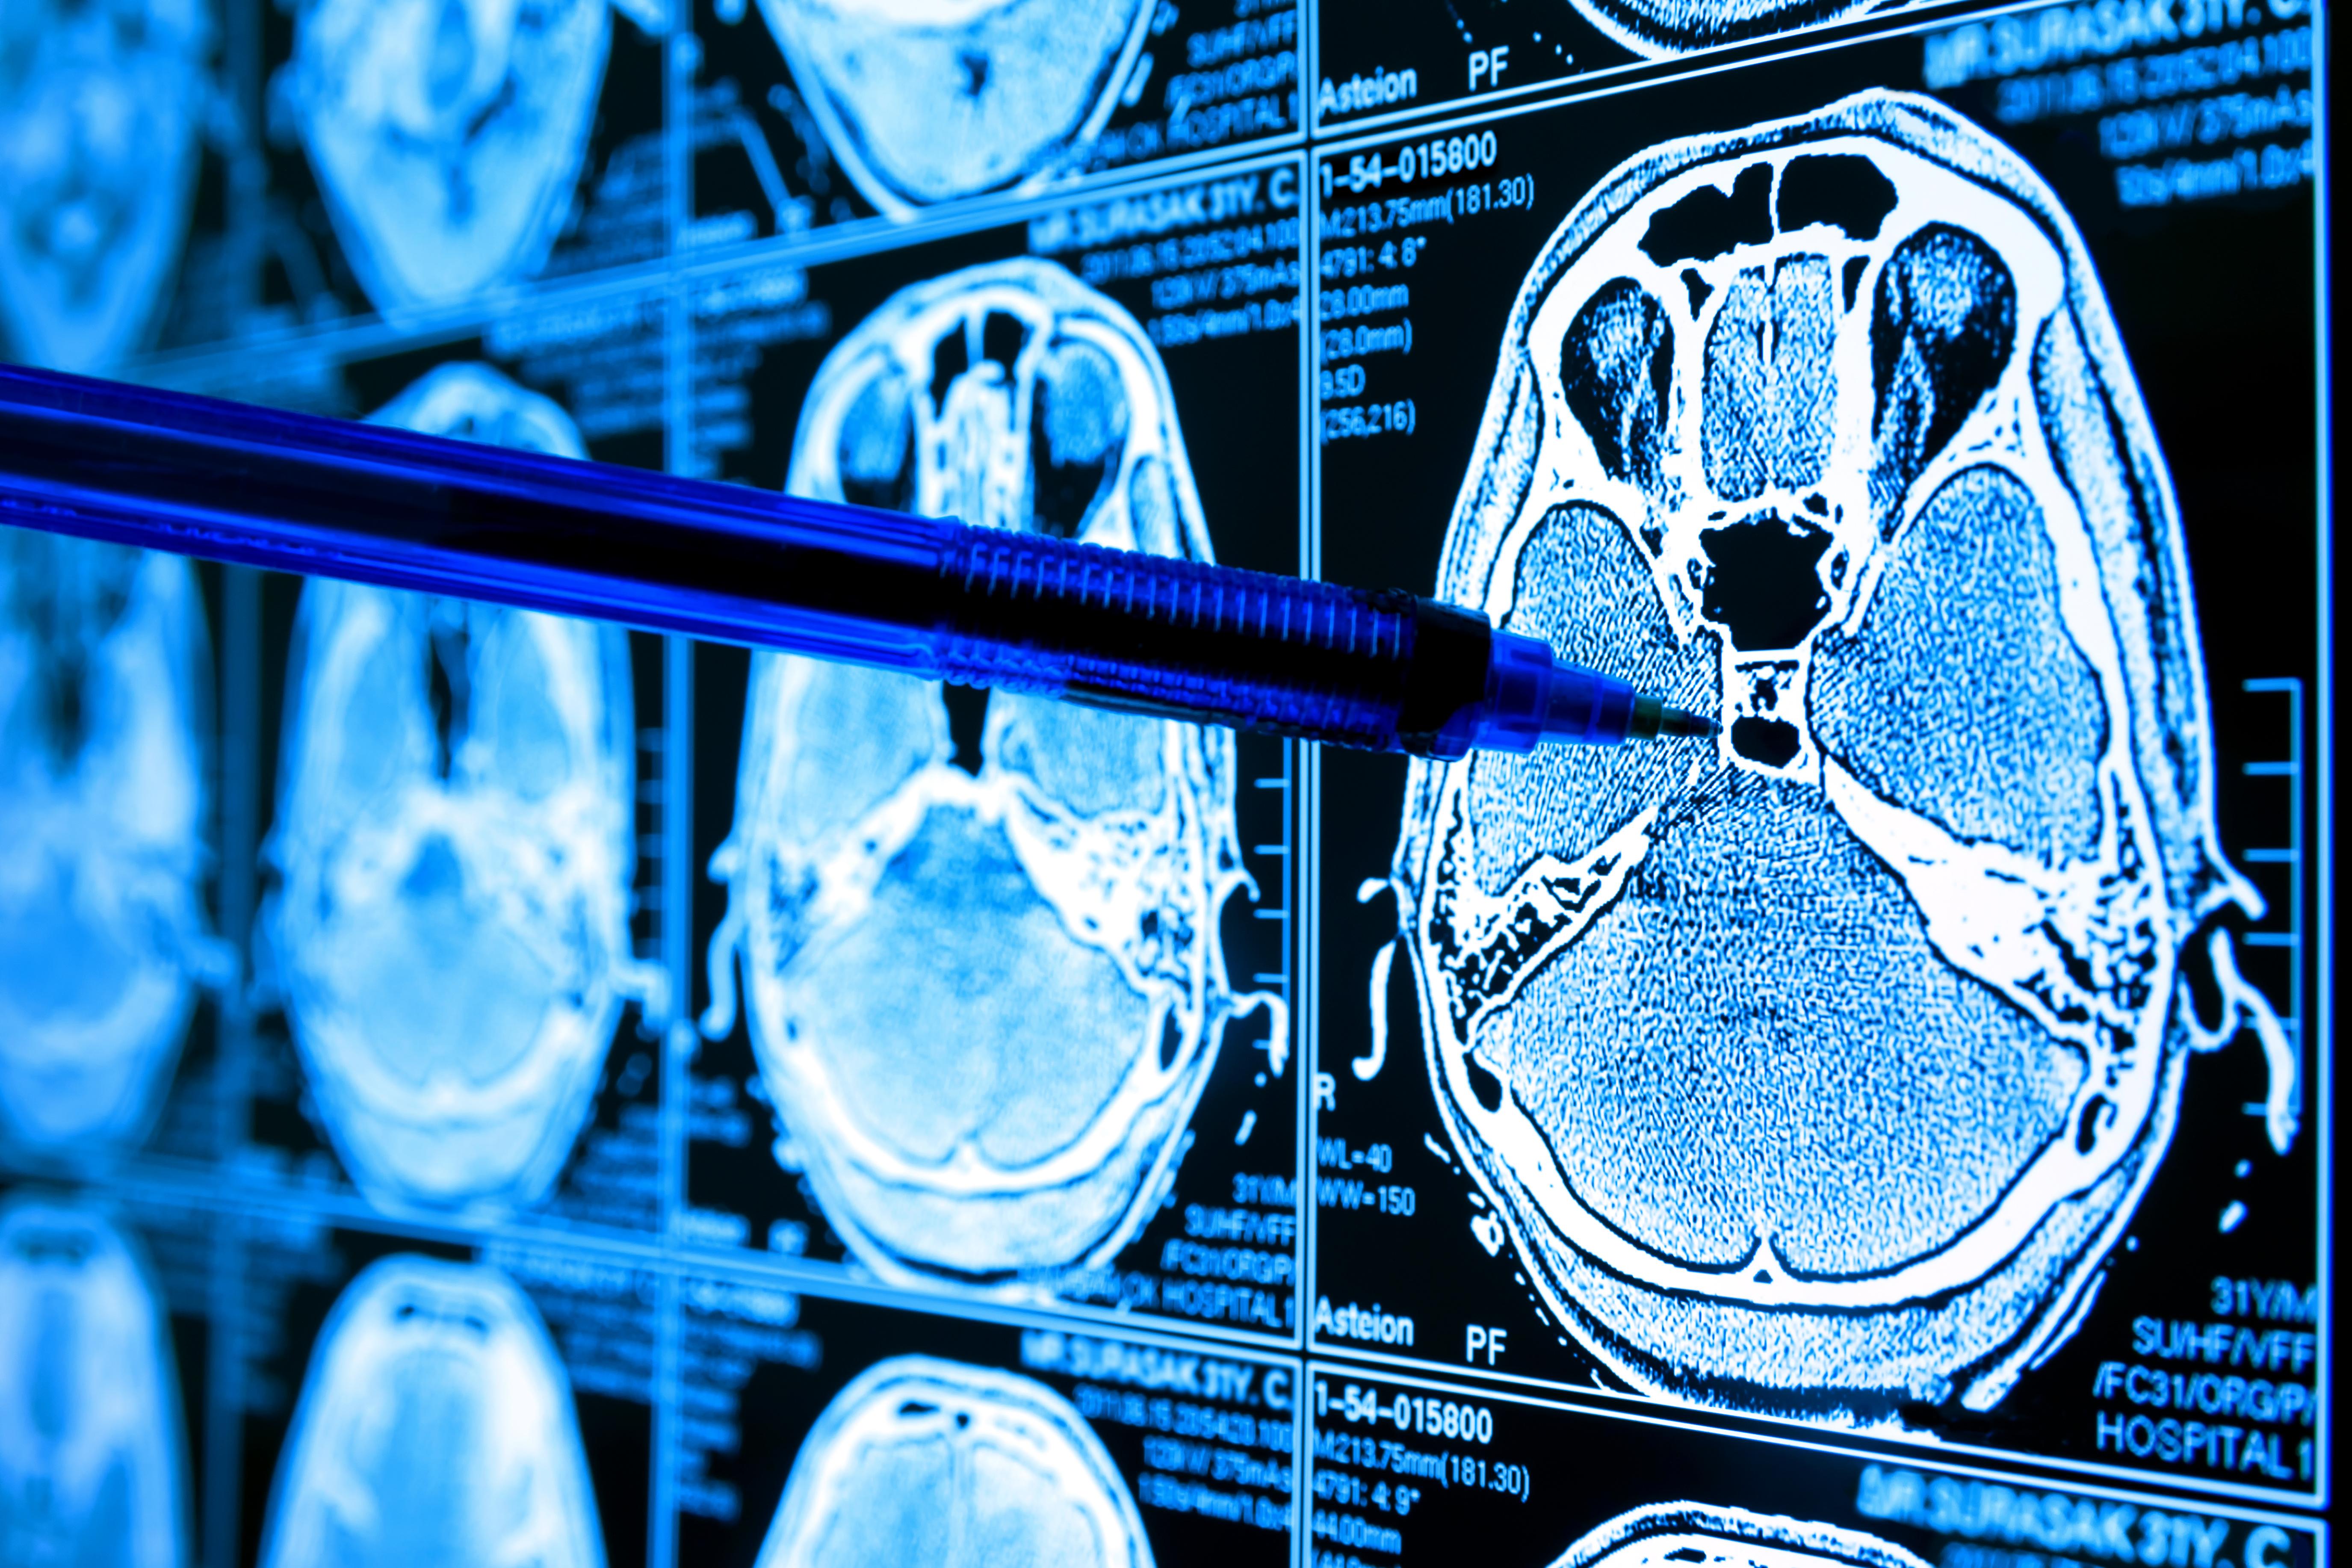 Les tumeurs cérébrales peuvent être ensemencées donc traitées à partir d'un site distant (Adobe Stock 221723157)